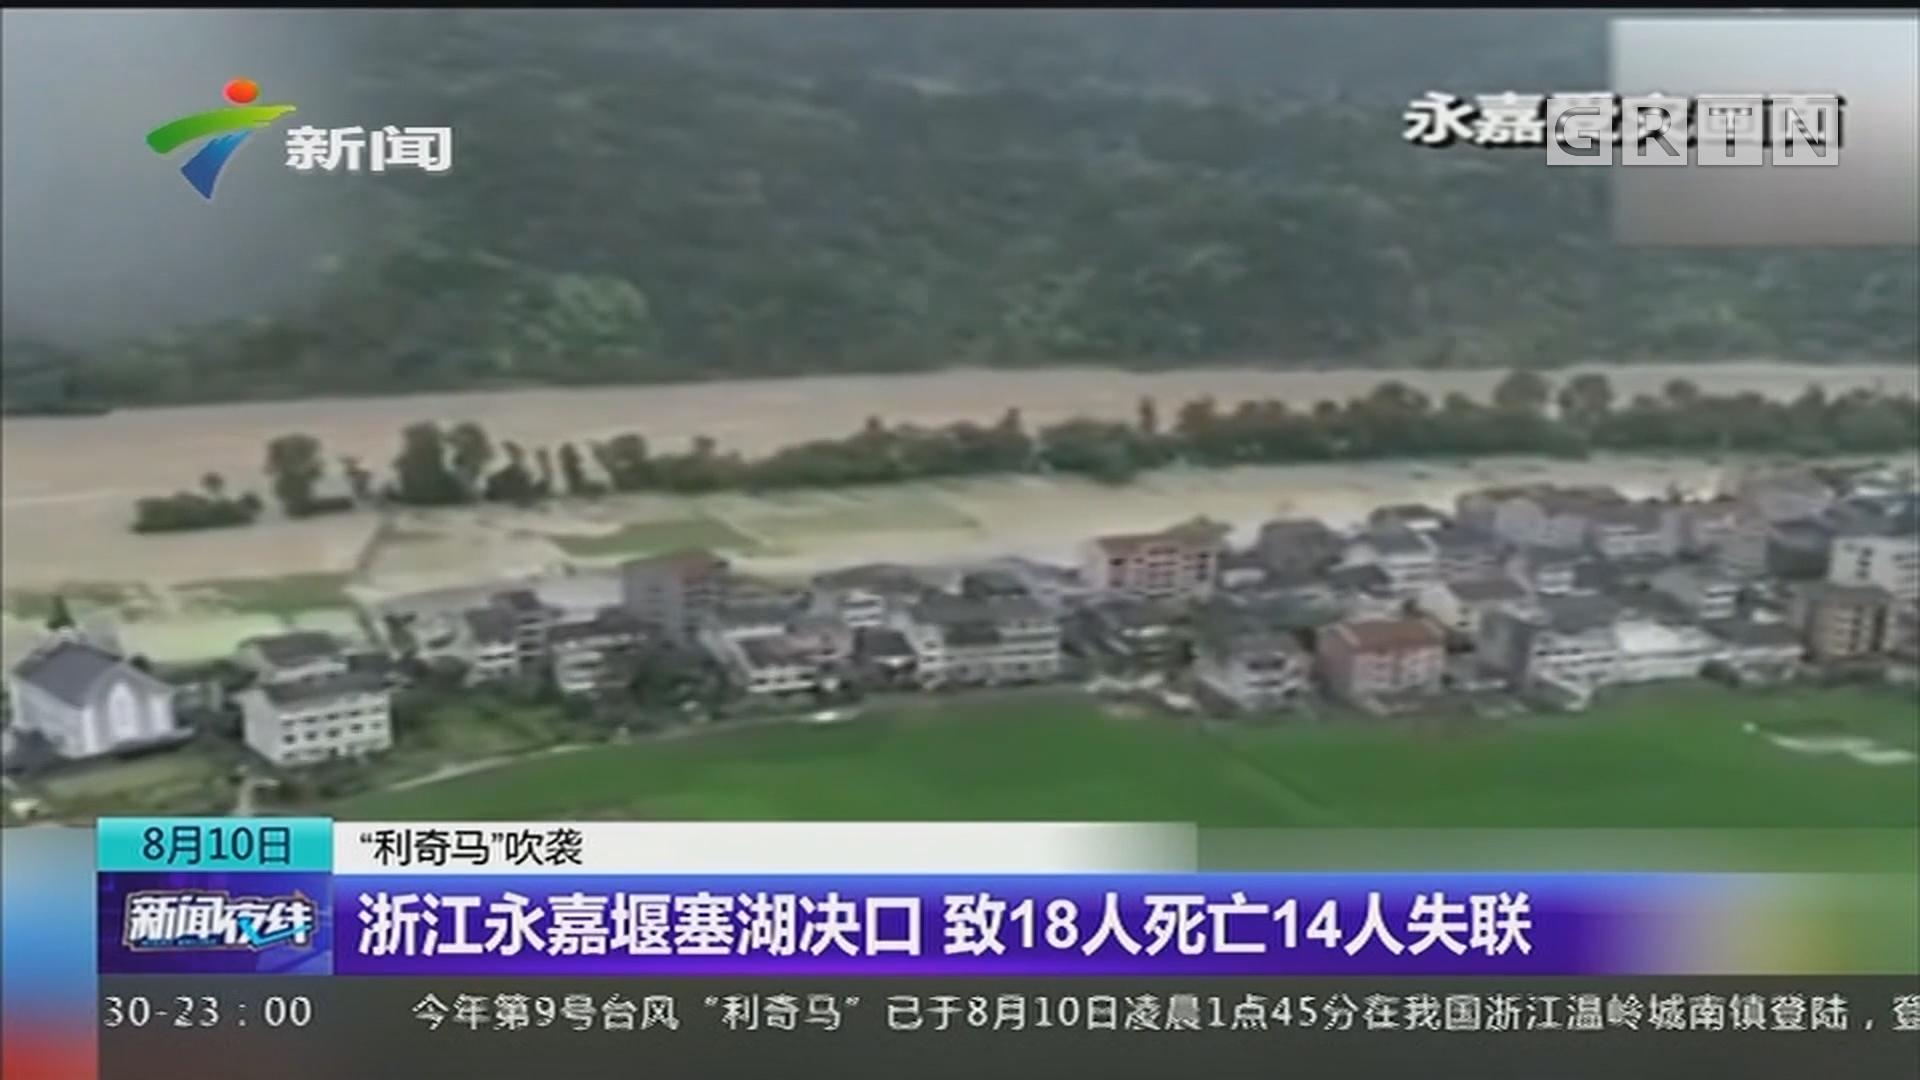 """""""利奇马""""吹袭 浙江永嘉堰塞湖决口 致18人死亡14人失联"""